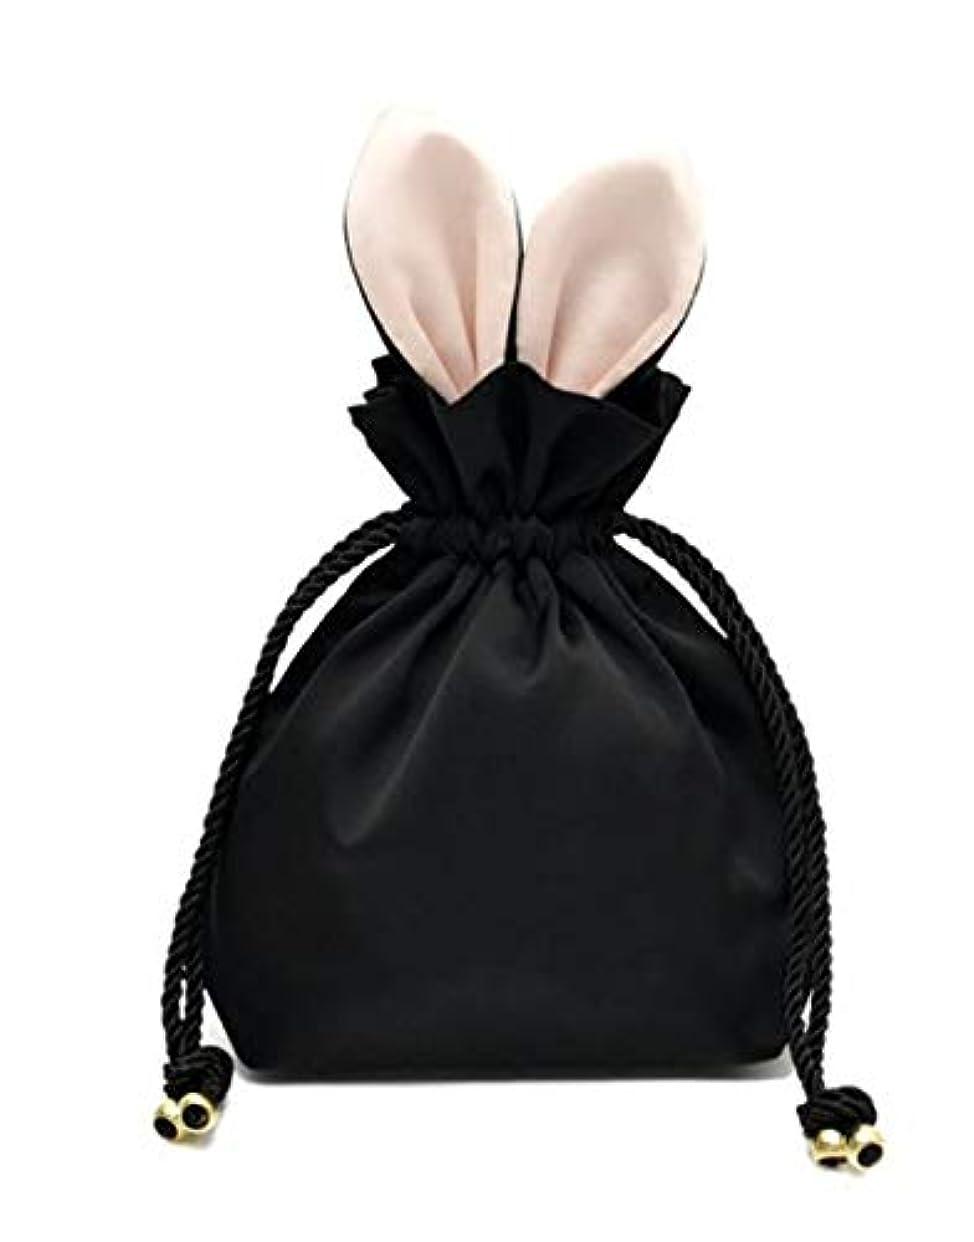 オリエンタル平らな収益ウサギ コスメポーチ 化粧ポーチ 化粧品 たっぷり 収納 ポーチ 化粧バッグ メイクポーチ コスメケース 巾着 旅行 (ブラック)